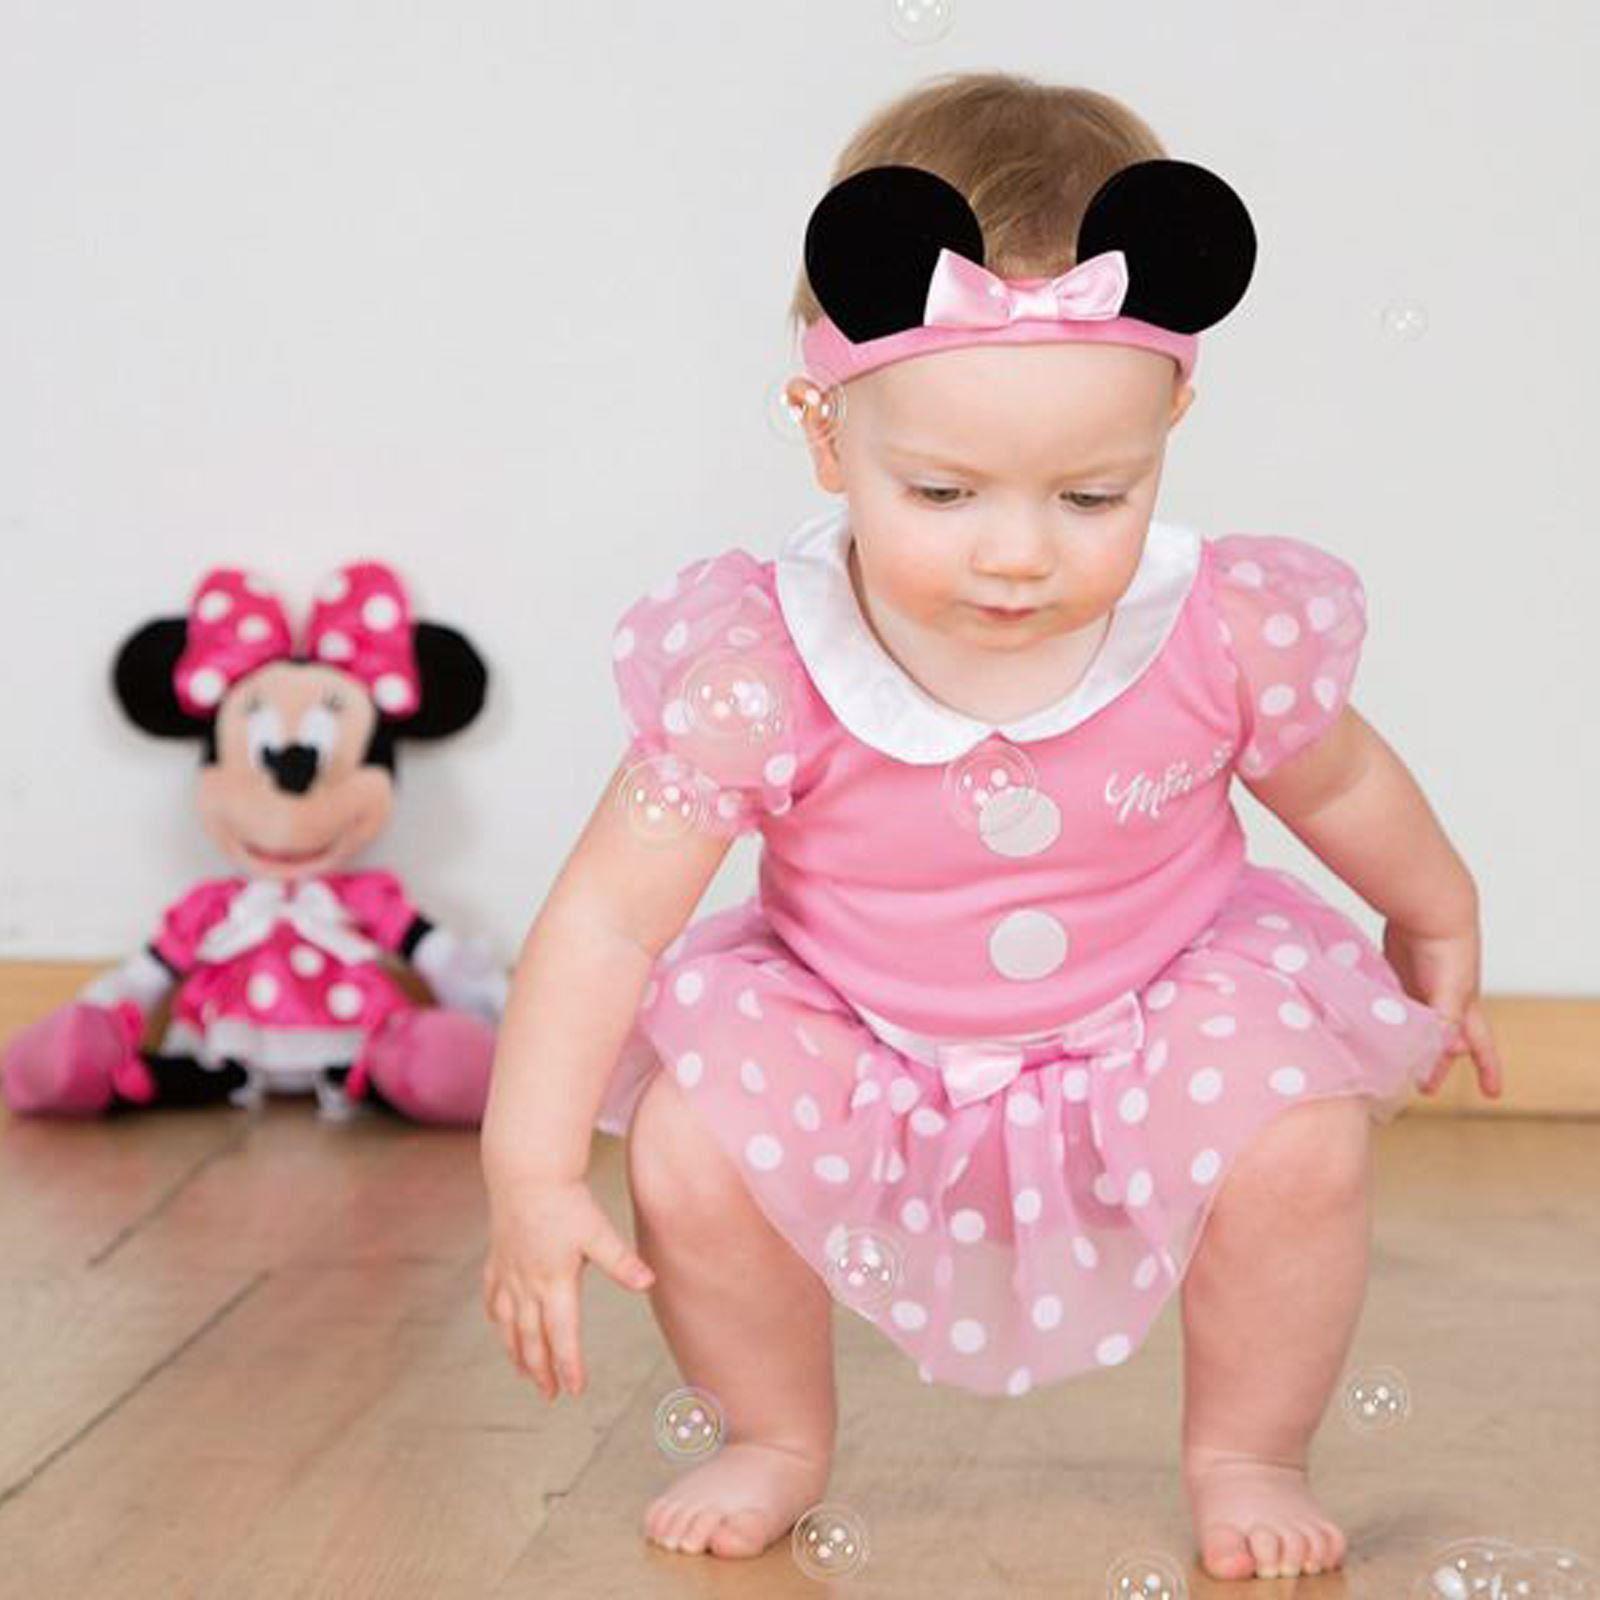 Mädchen Baby Kleinkind Pink Disney Minnie Maus Kostüm Kleid Outfit